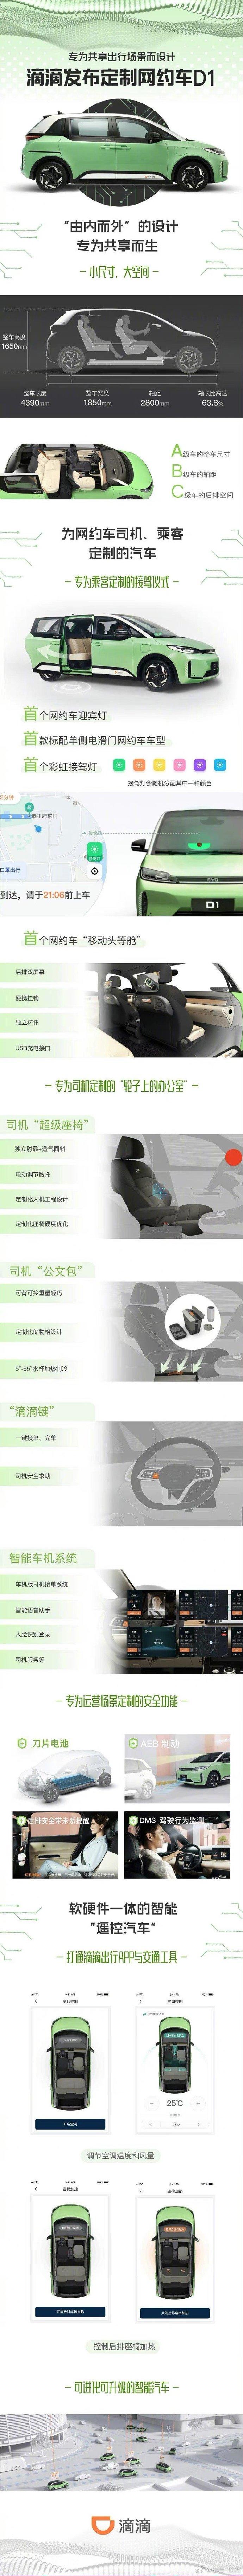 世界首款为你量身定制的网约车D1,有点小激动